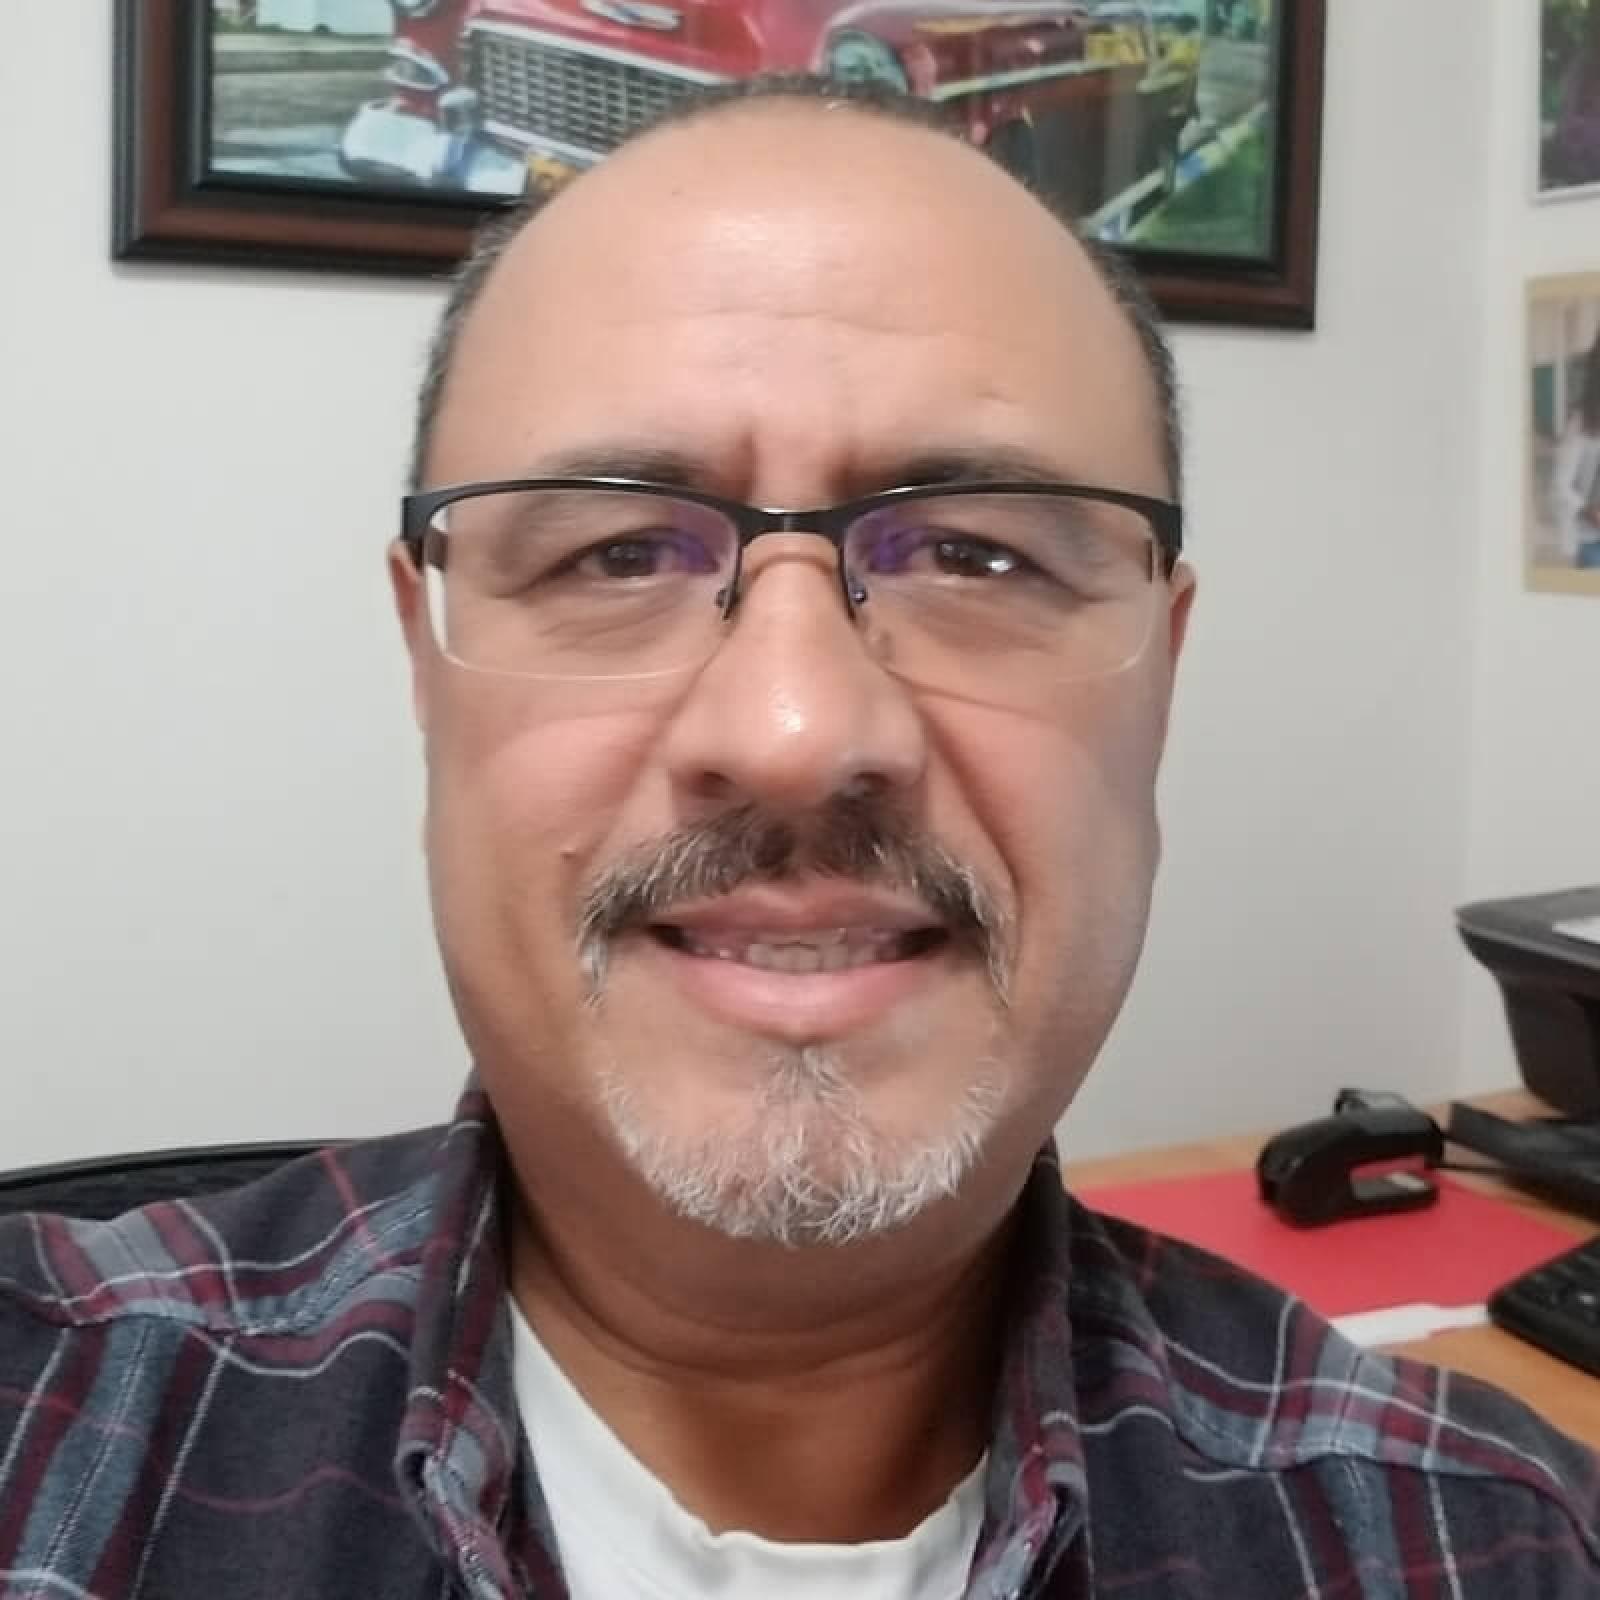 Steve Hernandez